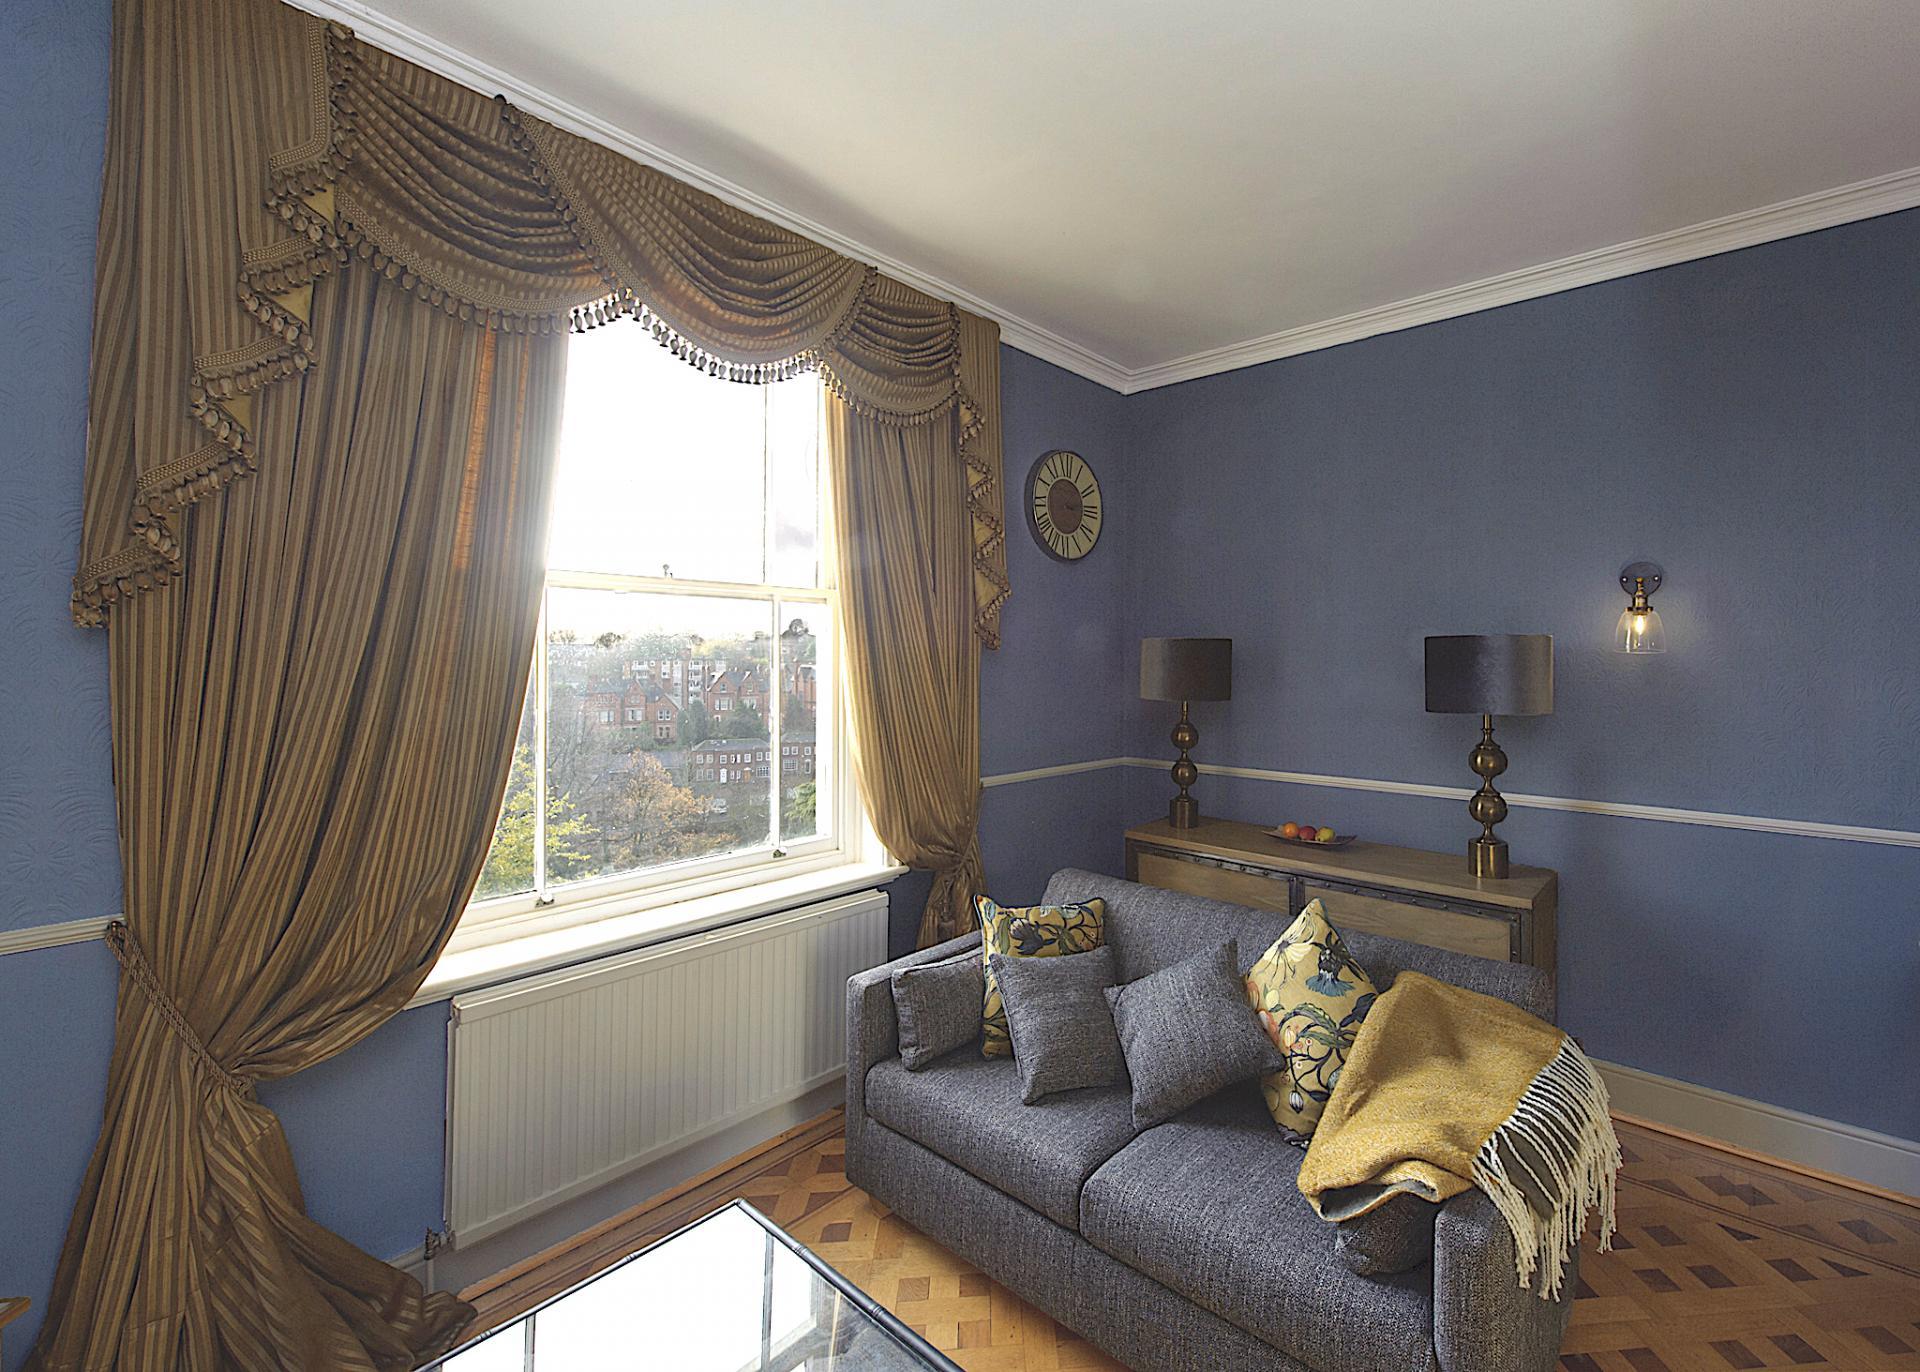 Living area at Nottingham Park View Apartment, Centre, Nottingham - Citybase Apartments